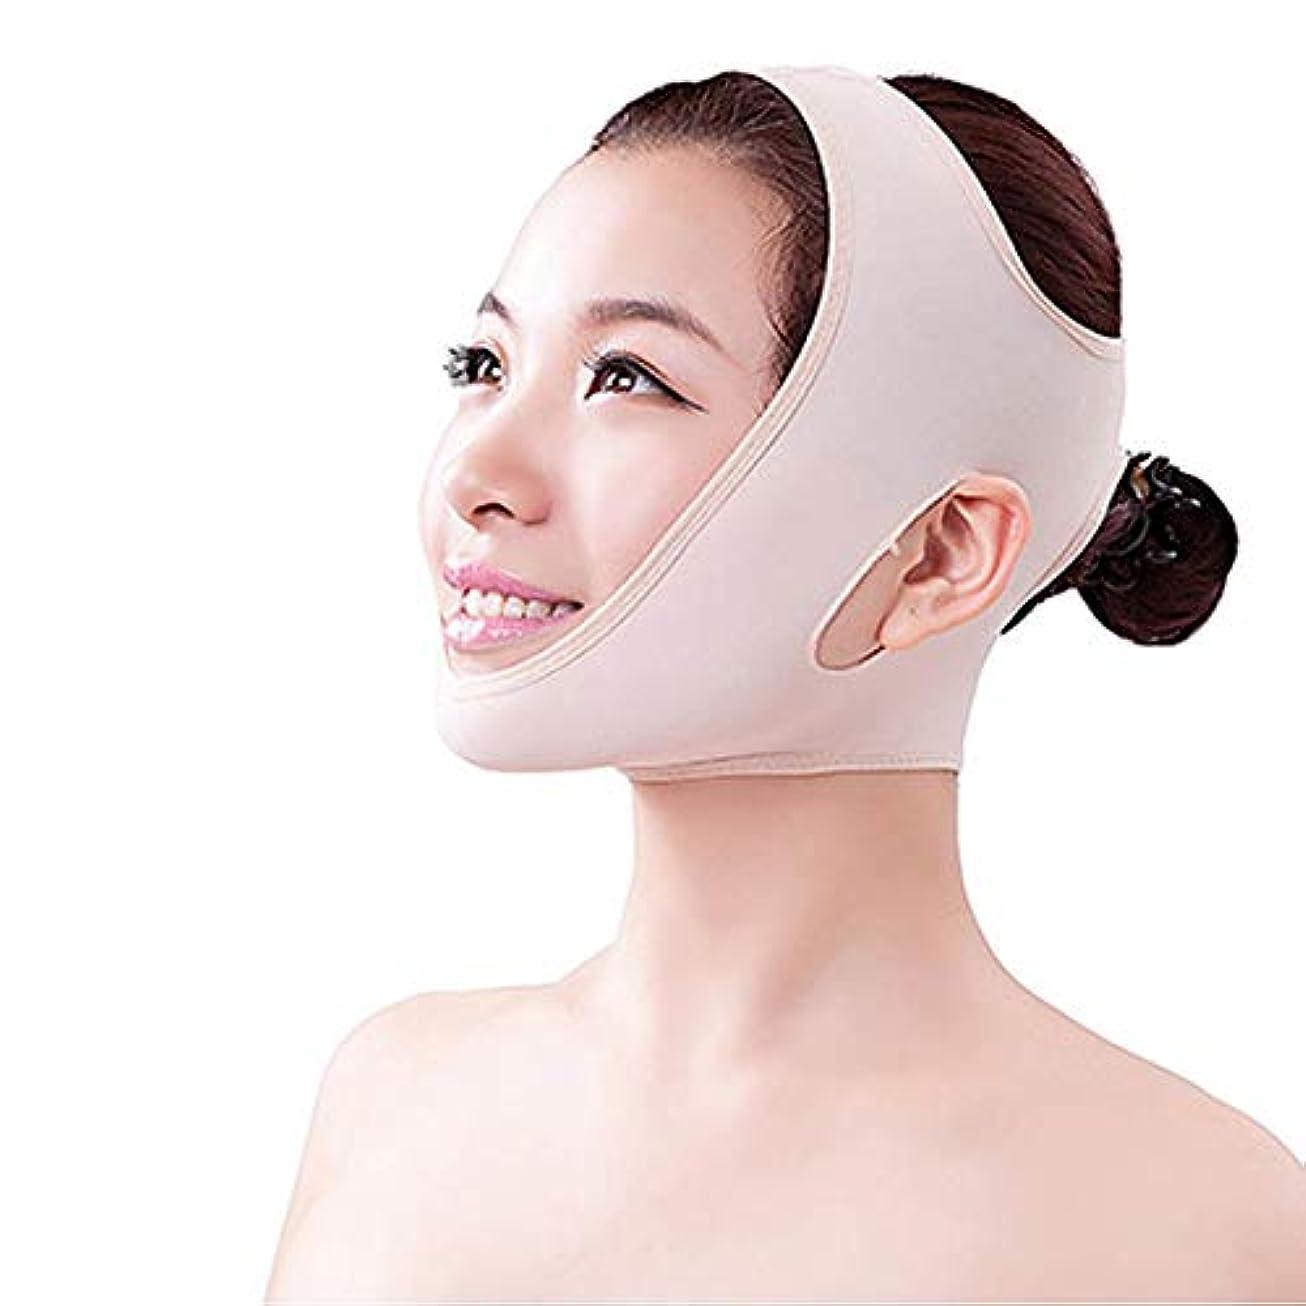 そっと皿谷ZWBD フェイスマスク, 薄い顔包帯小さなV面包帯薄いフェースマスク昇降吊り耳通気ビームフェイスマスクライトピンク